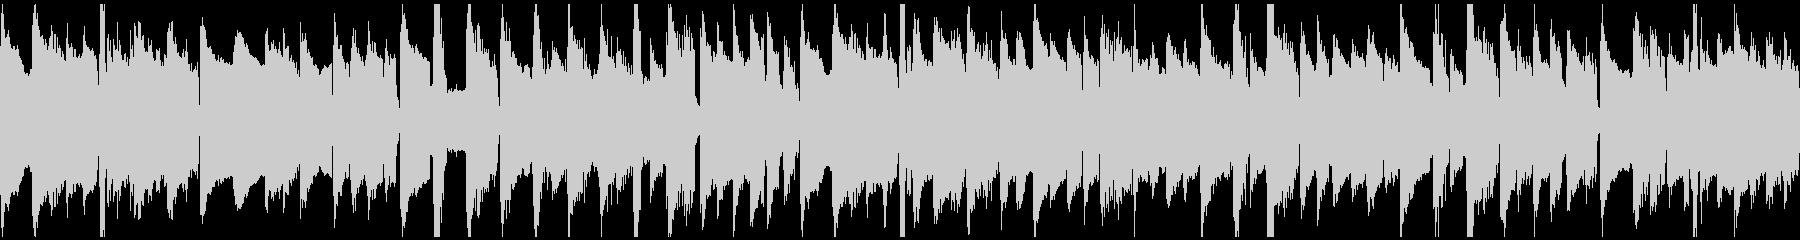 ハープシコードの三拍子BGM(ループ)の未再生の波形